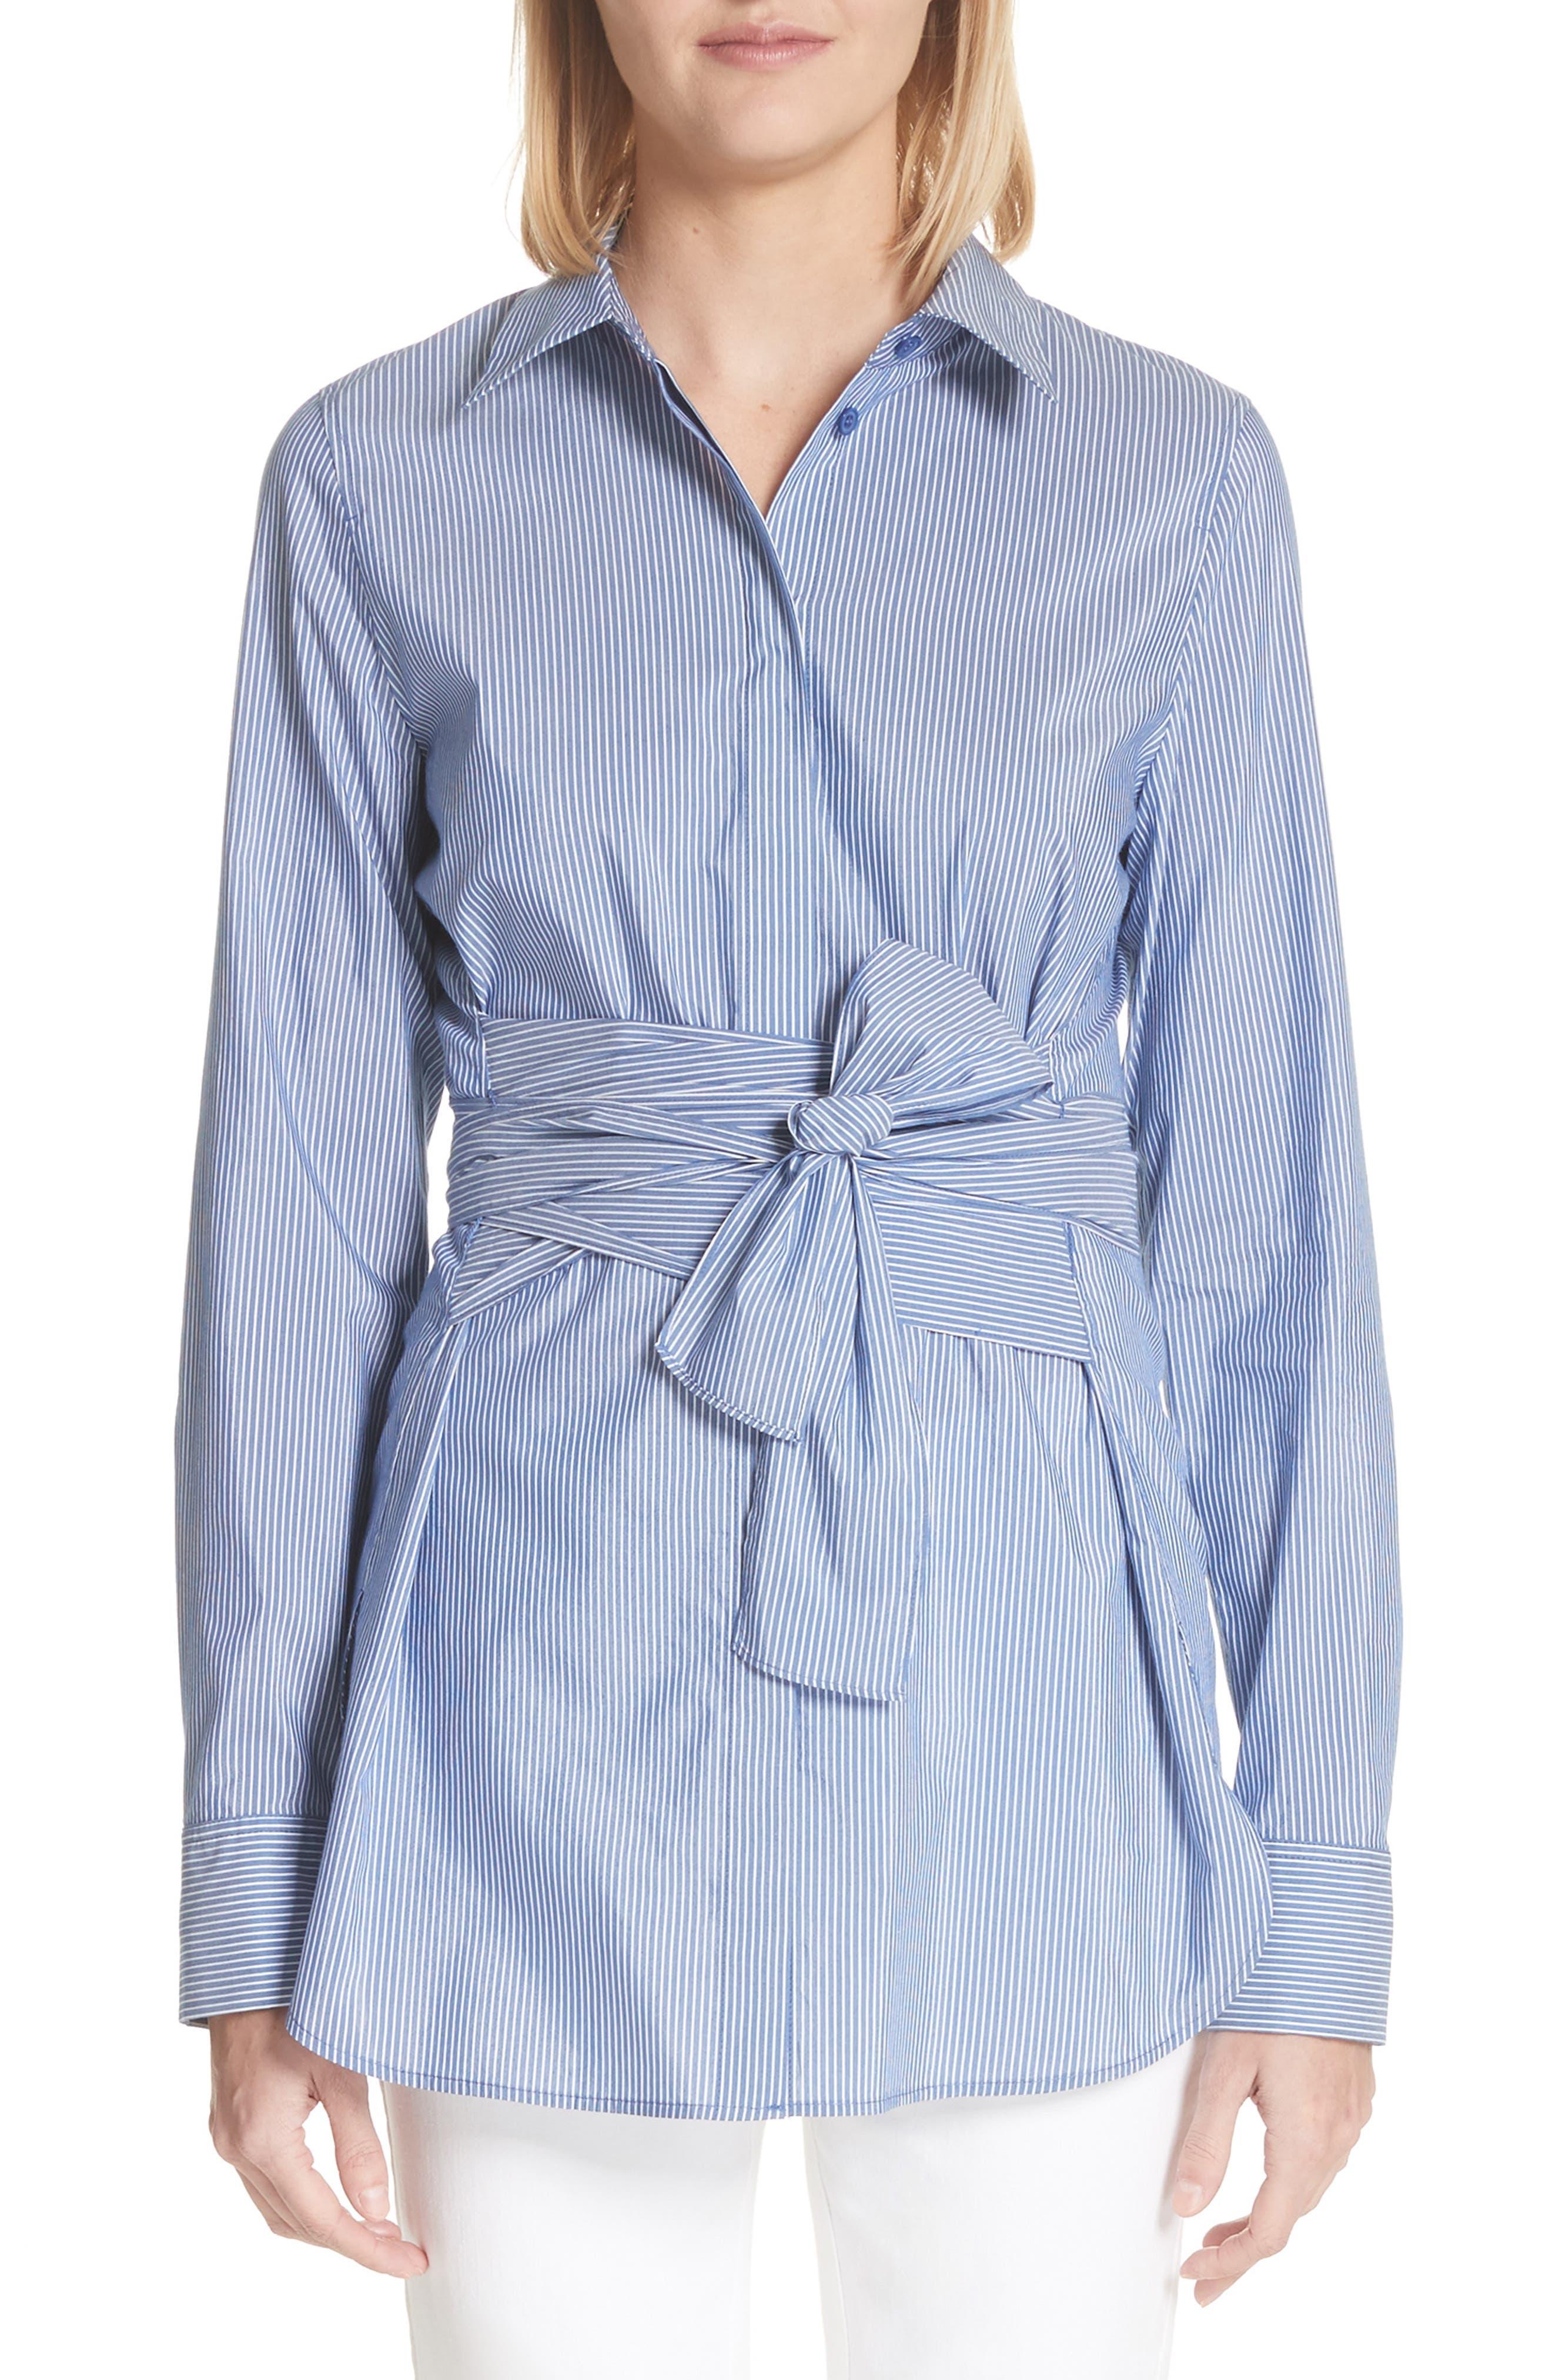 Cordelia Tie Waist Blouse,                             Main thumbnail 1, color,                             Delft Multi